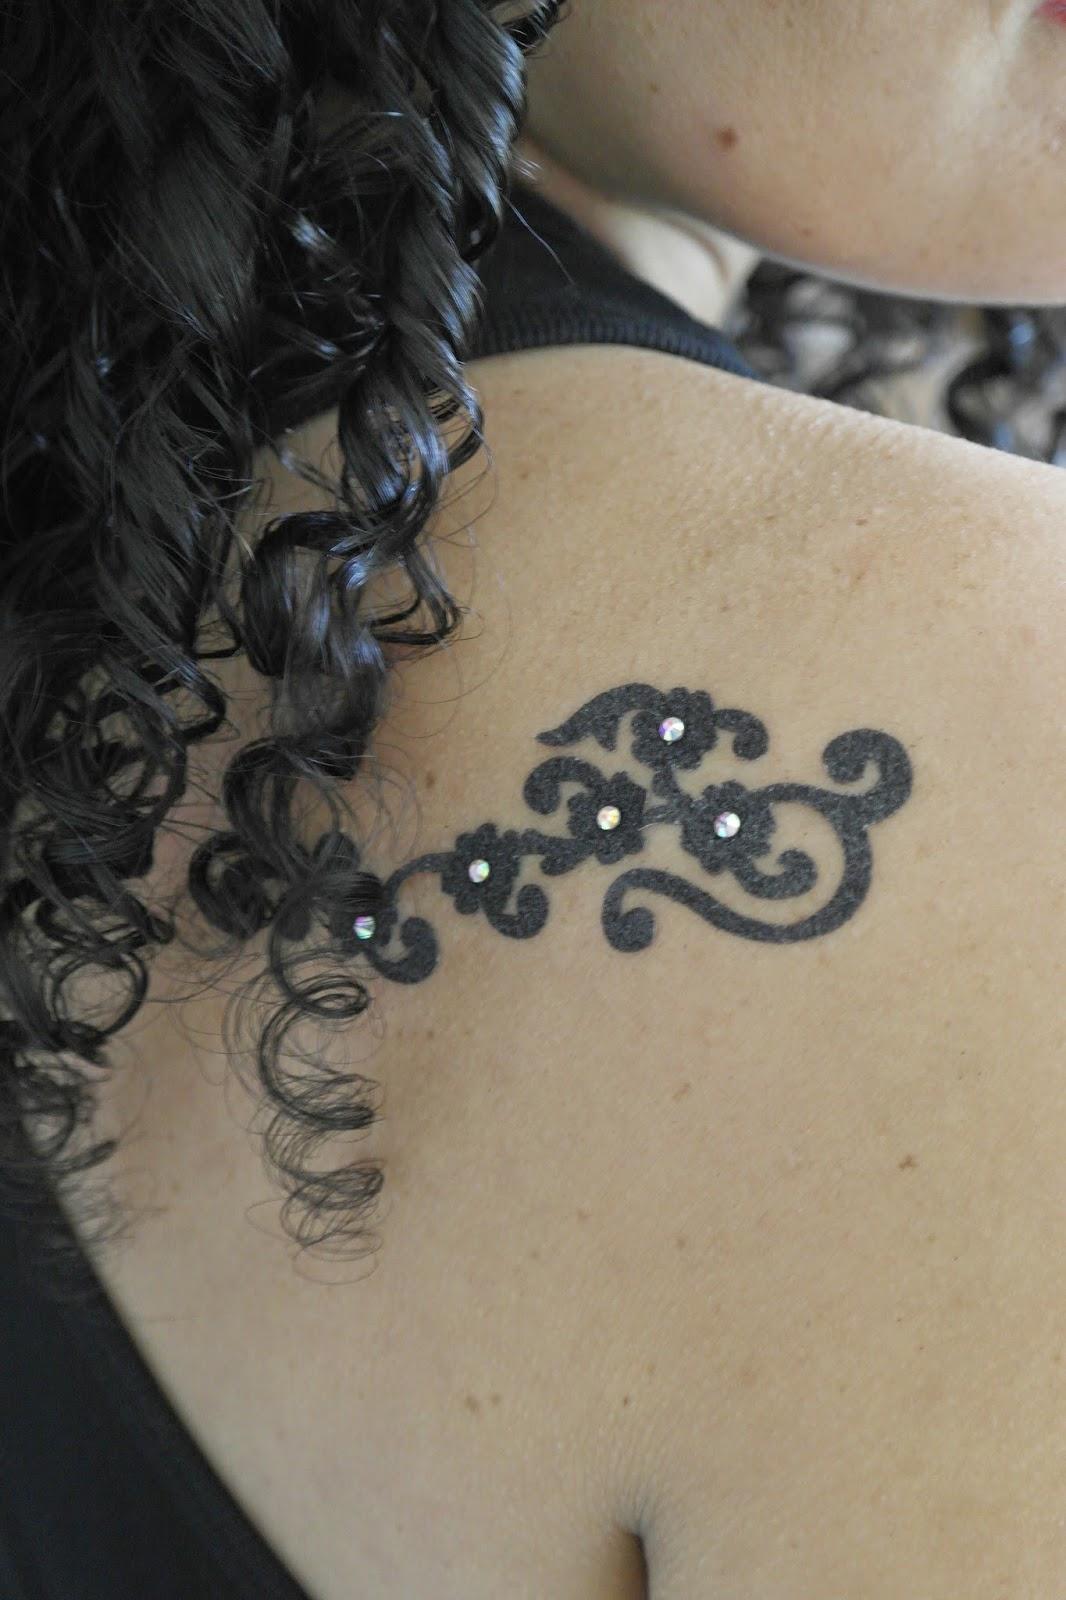 Immagini di tatuaggi sulla spalla for Immagini tatuaggi spalla